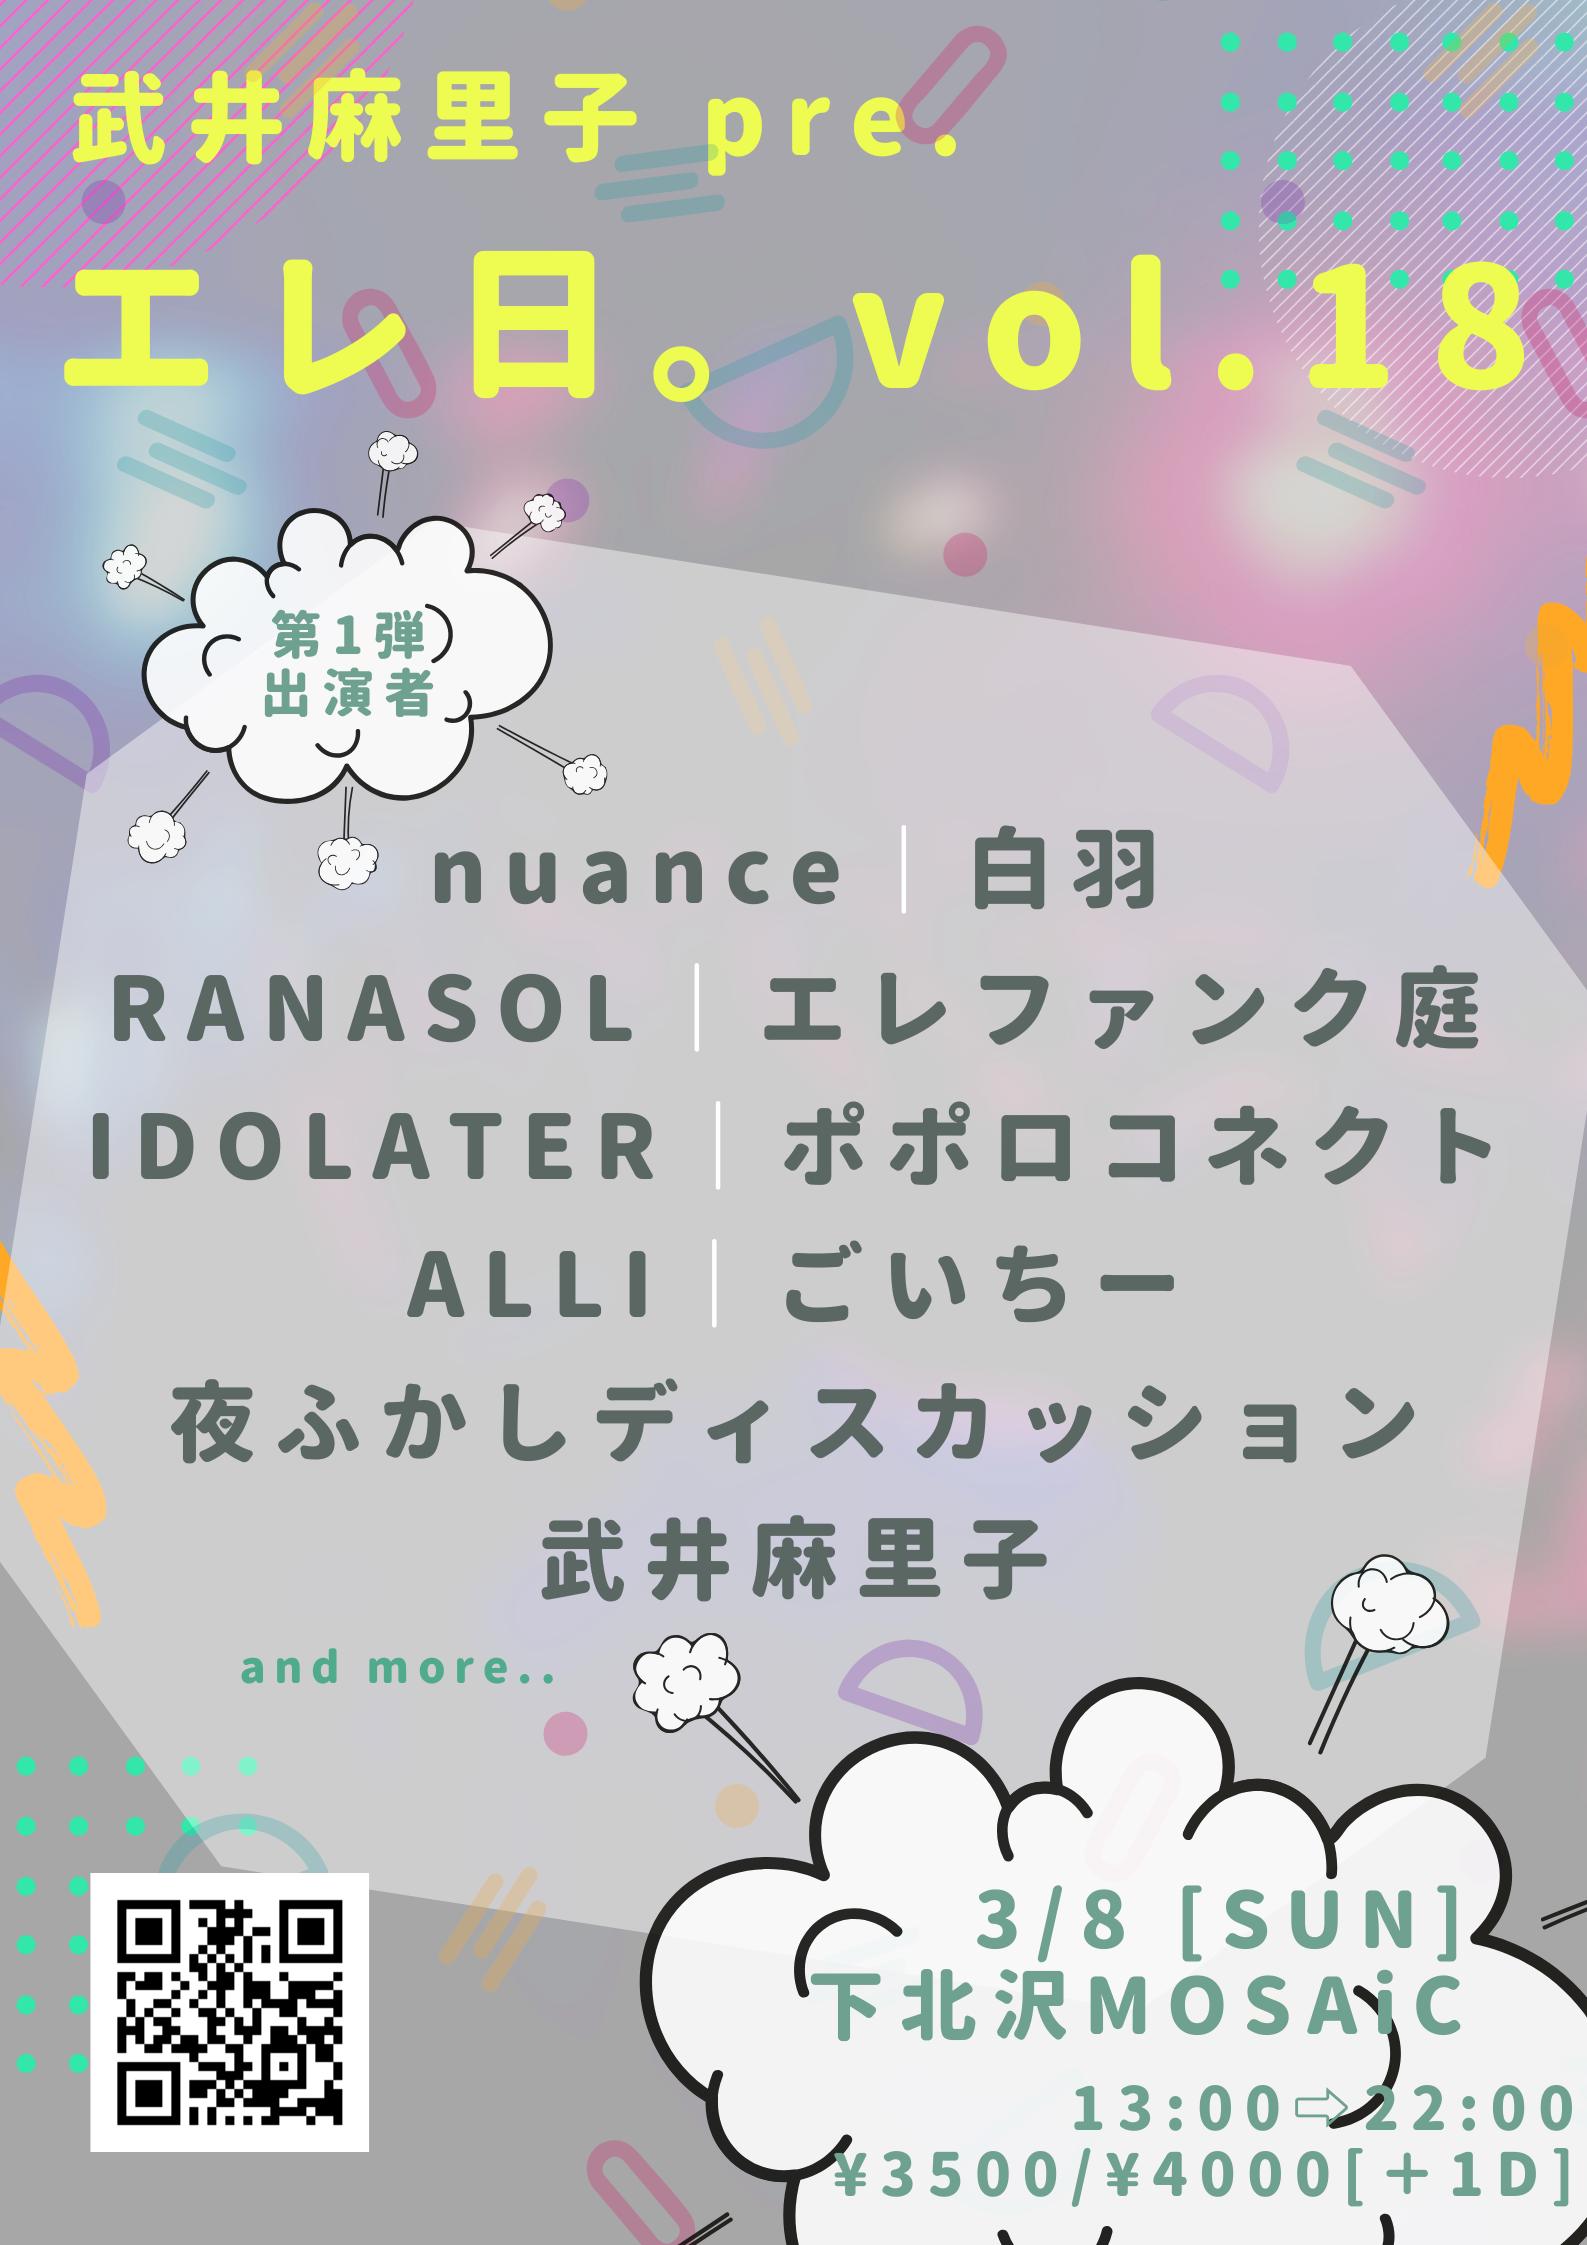 2020.03.08 武井麻里子presents『エレ日。vol.18』